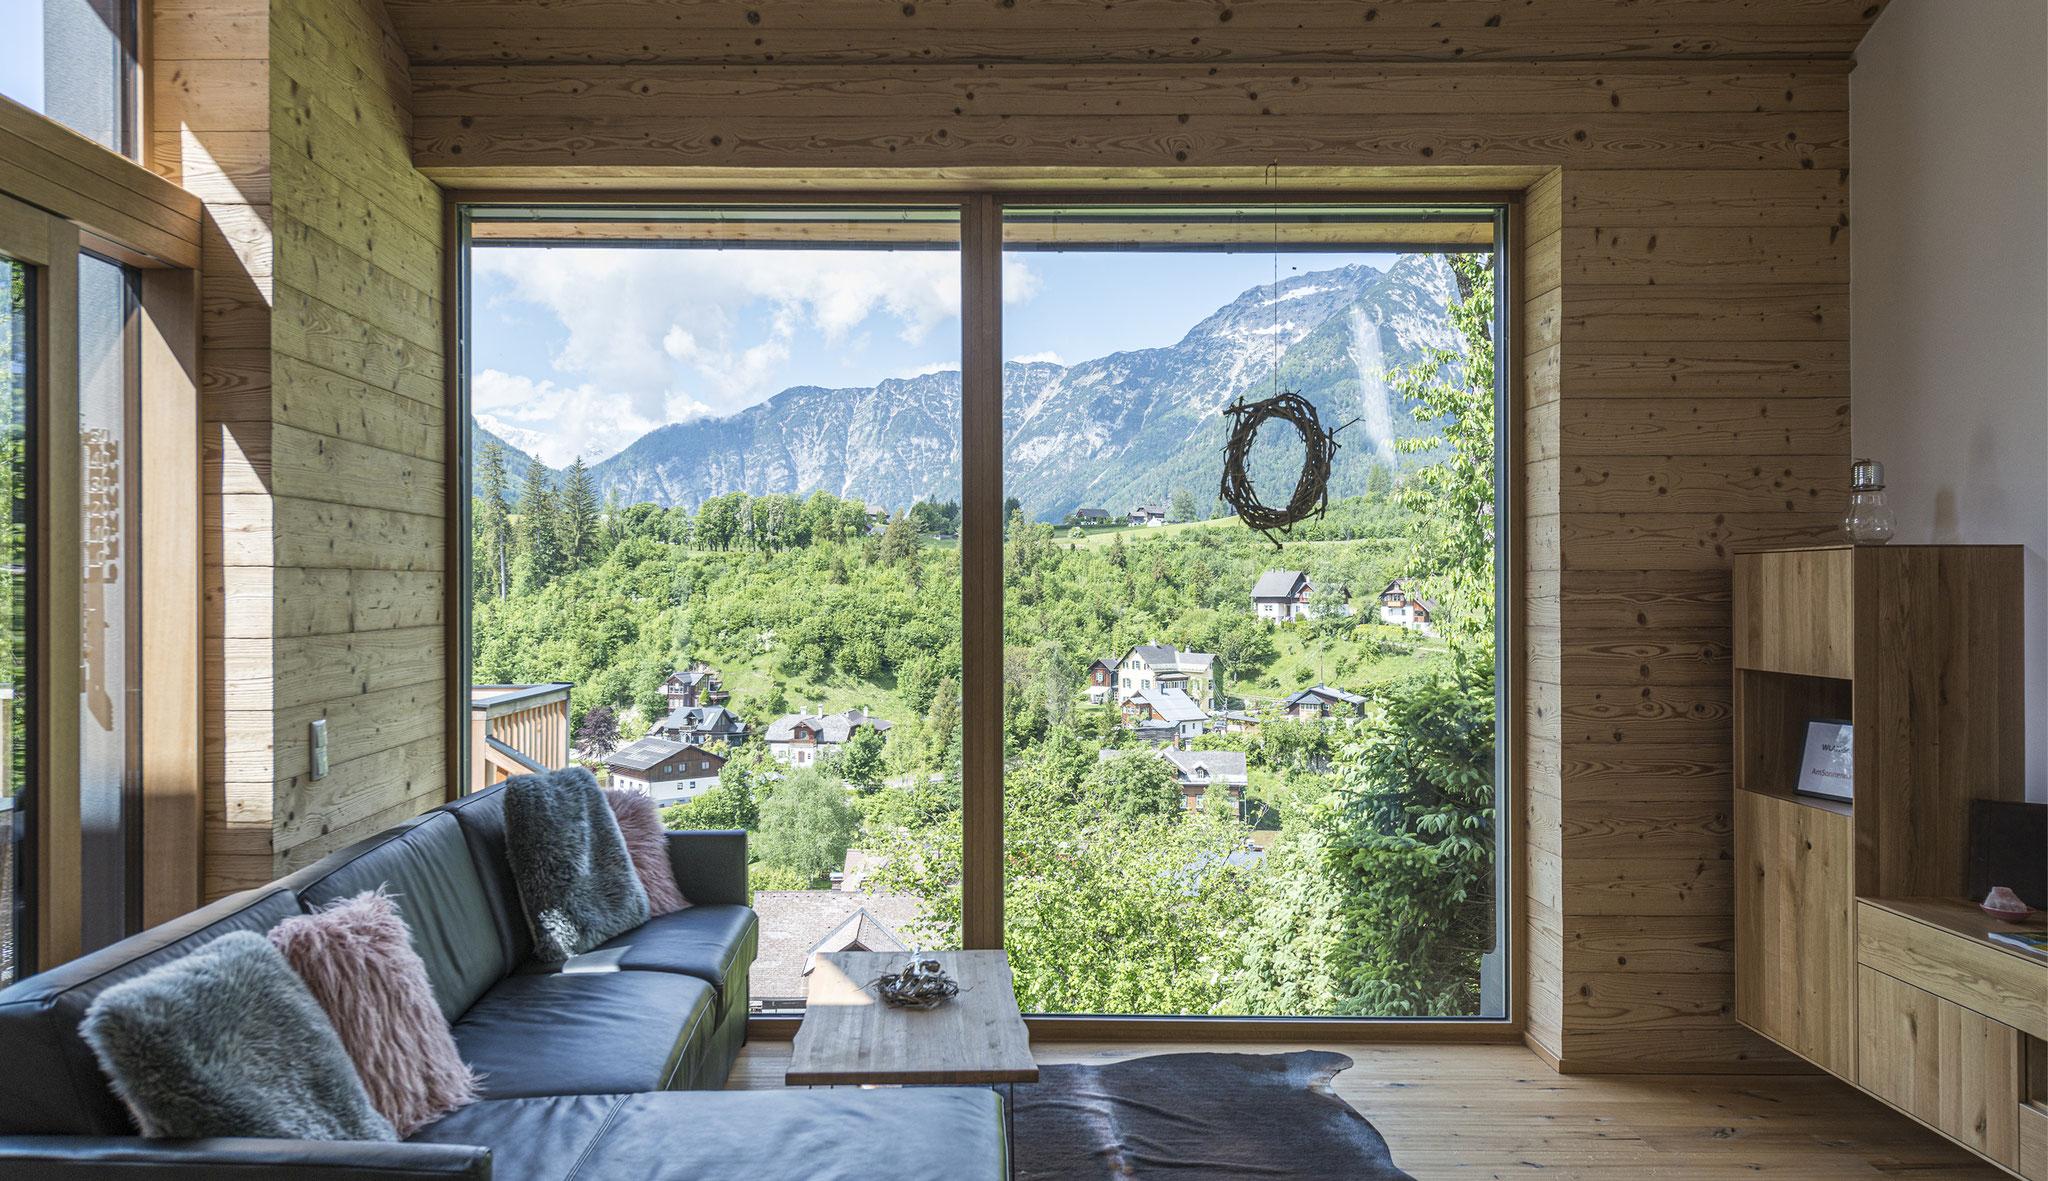 Ferienhaus Am Sonnenhang Bad Aussee